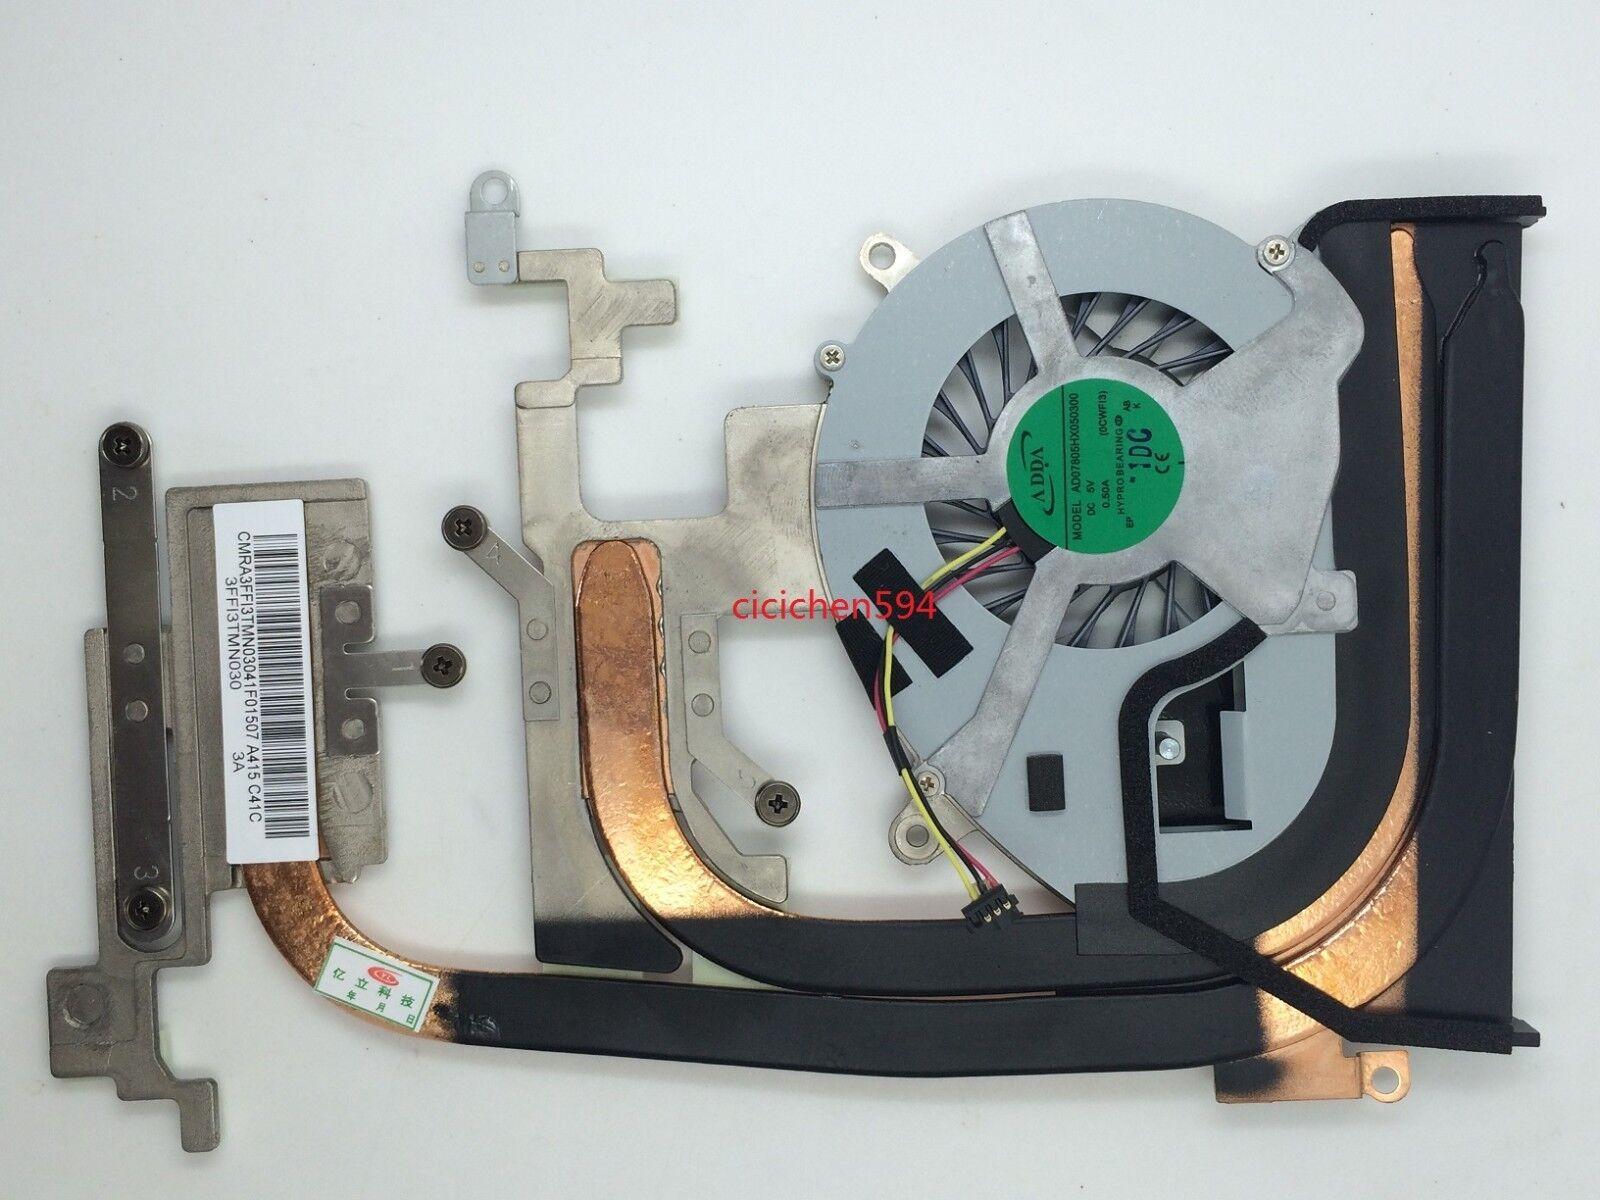 NEW Sony Vaio SVF15N1L2ES SVF15N1C5E SVF15N25CXS SVF15N26CXB Fan With Heatsink